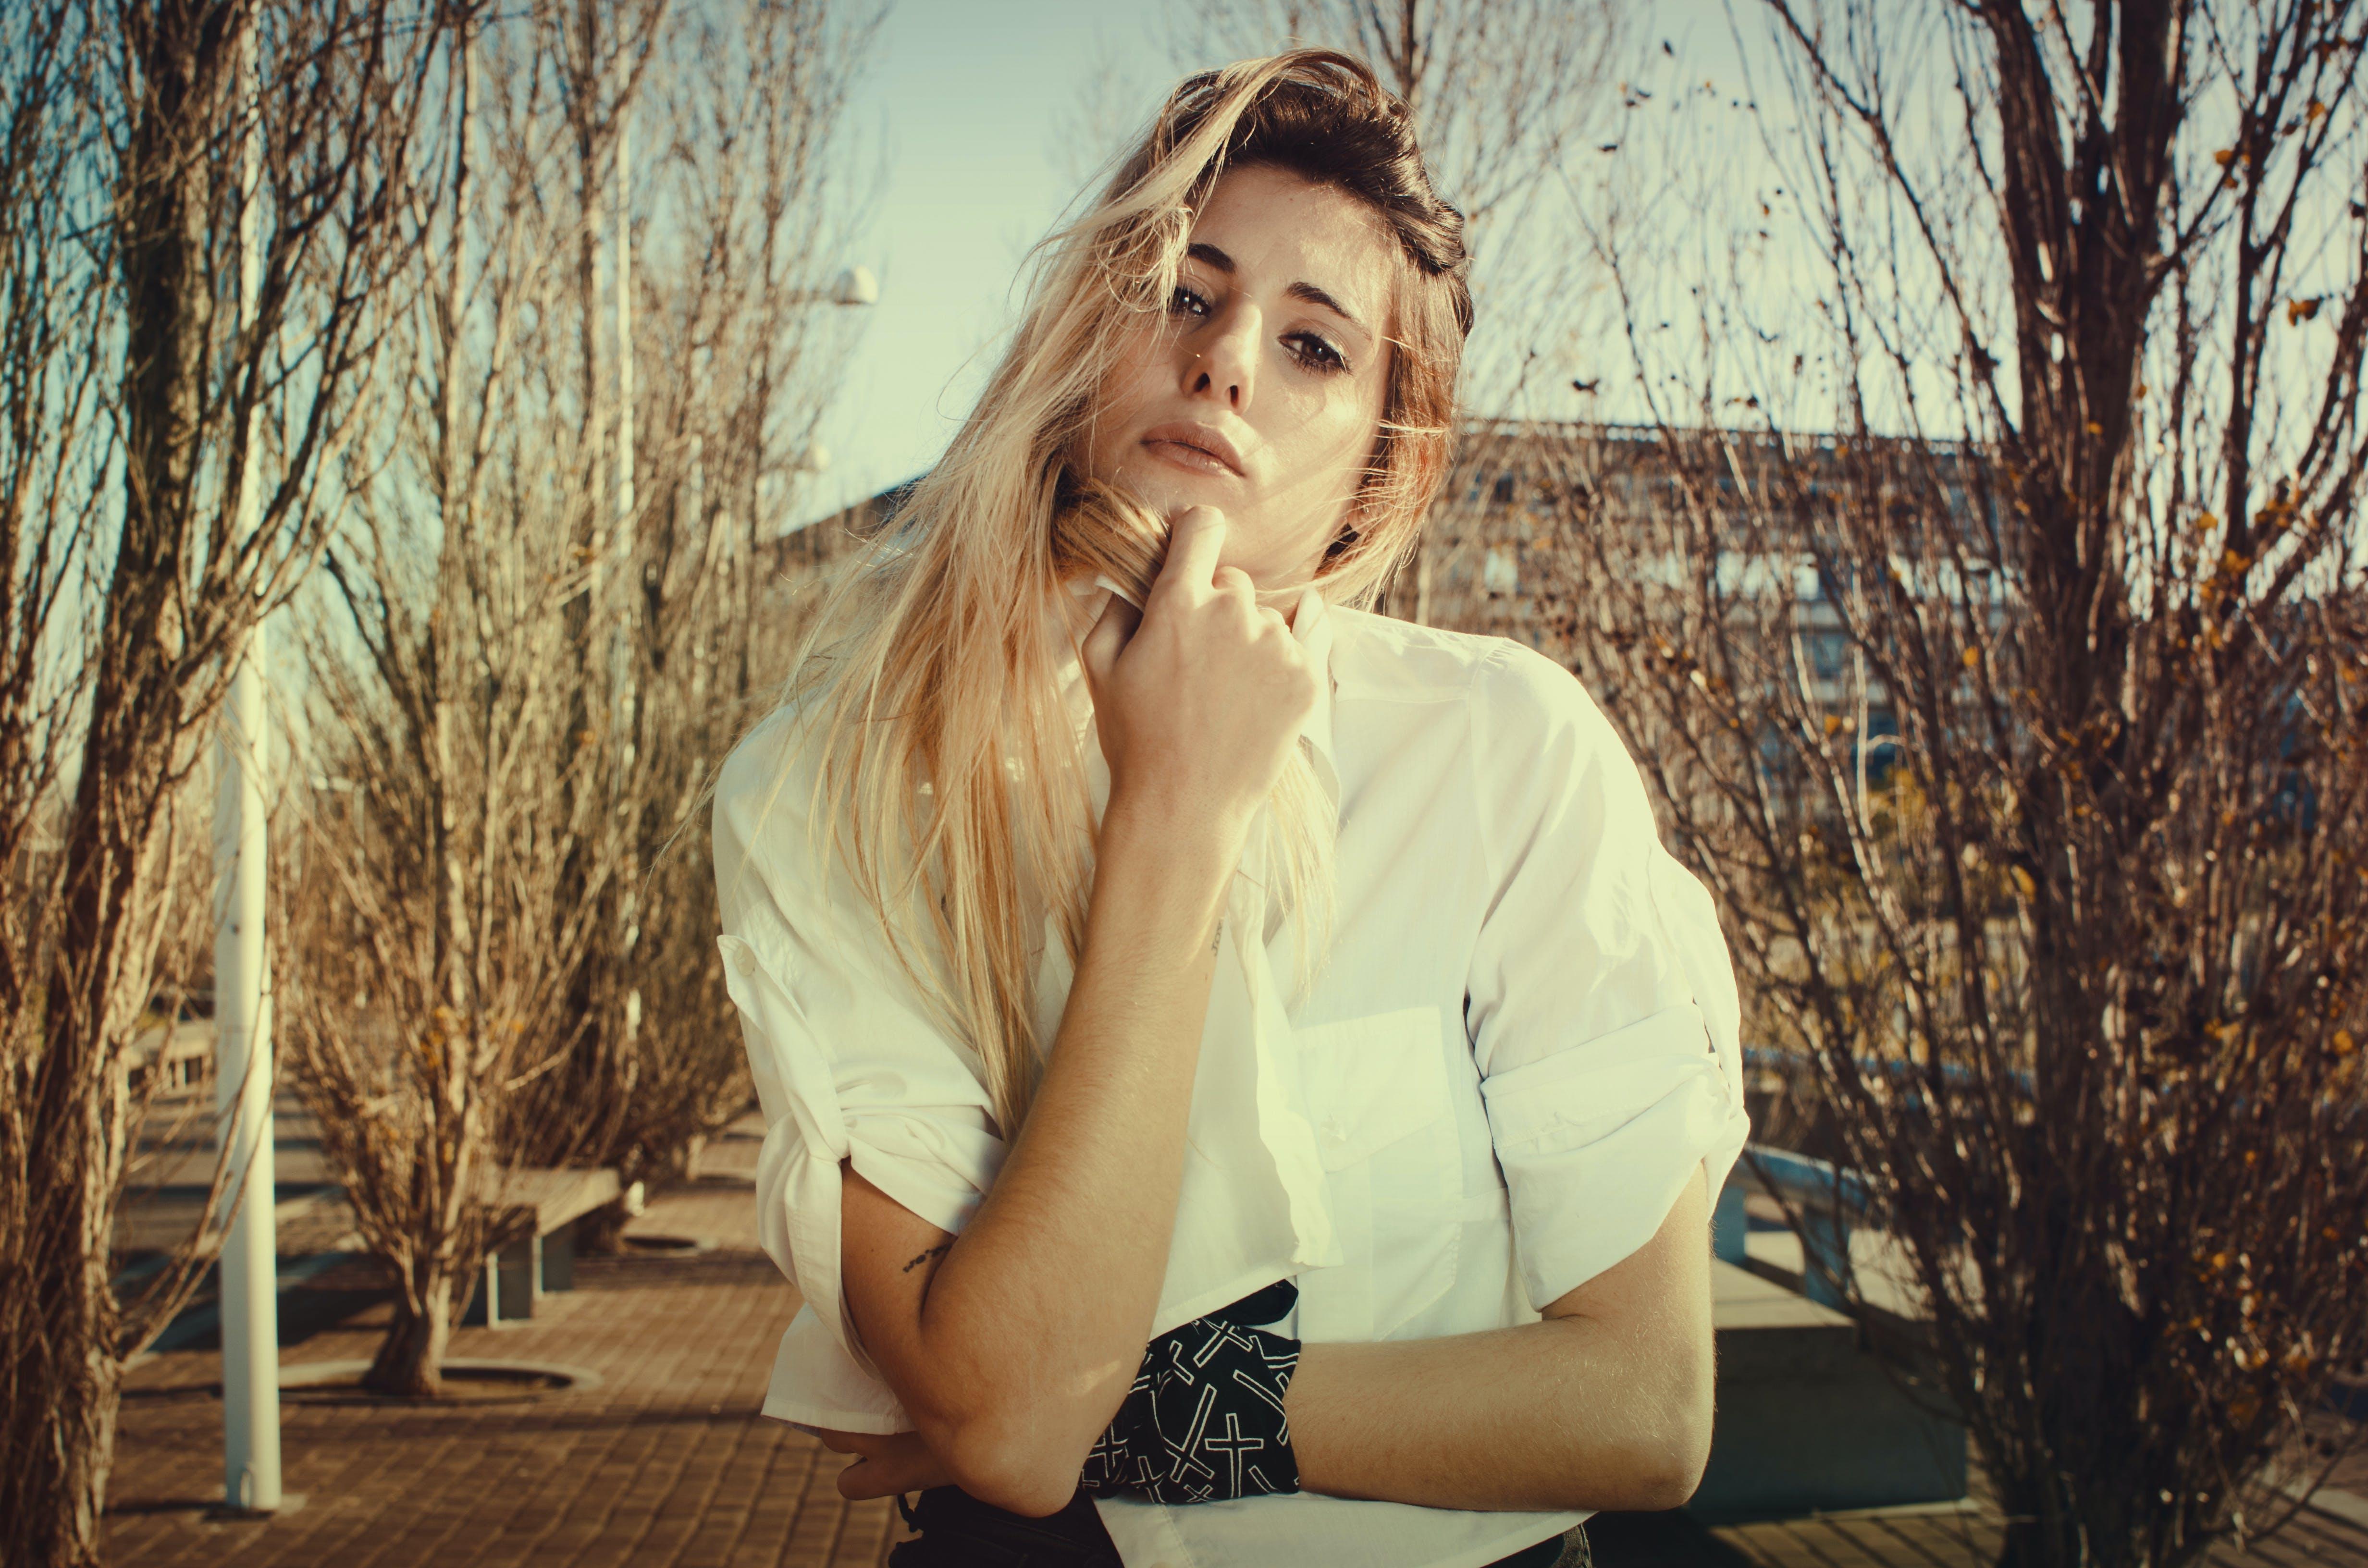 Kostenloses Stock Foto zu attraktiv, bäume, blondes haar, dame